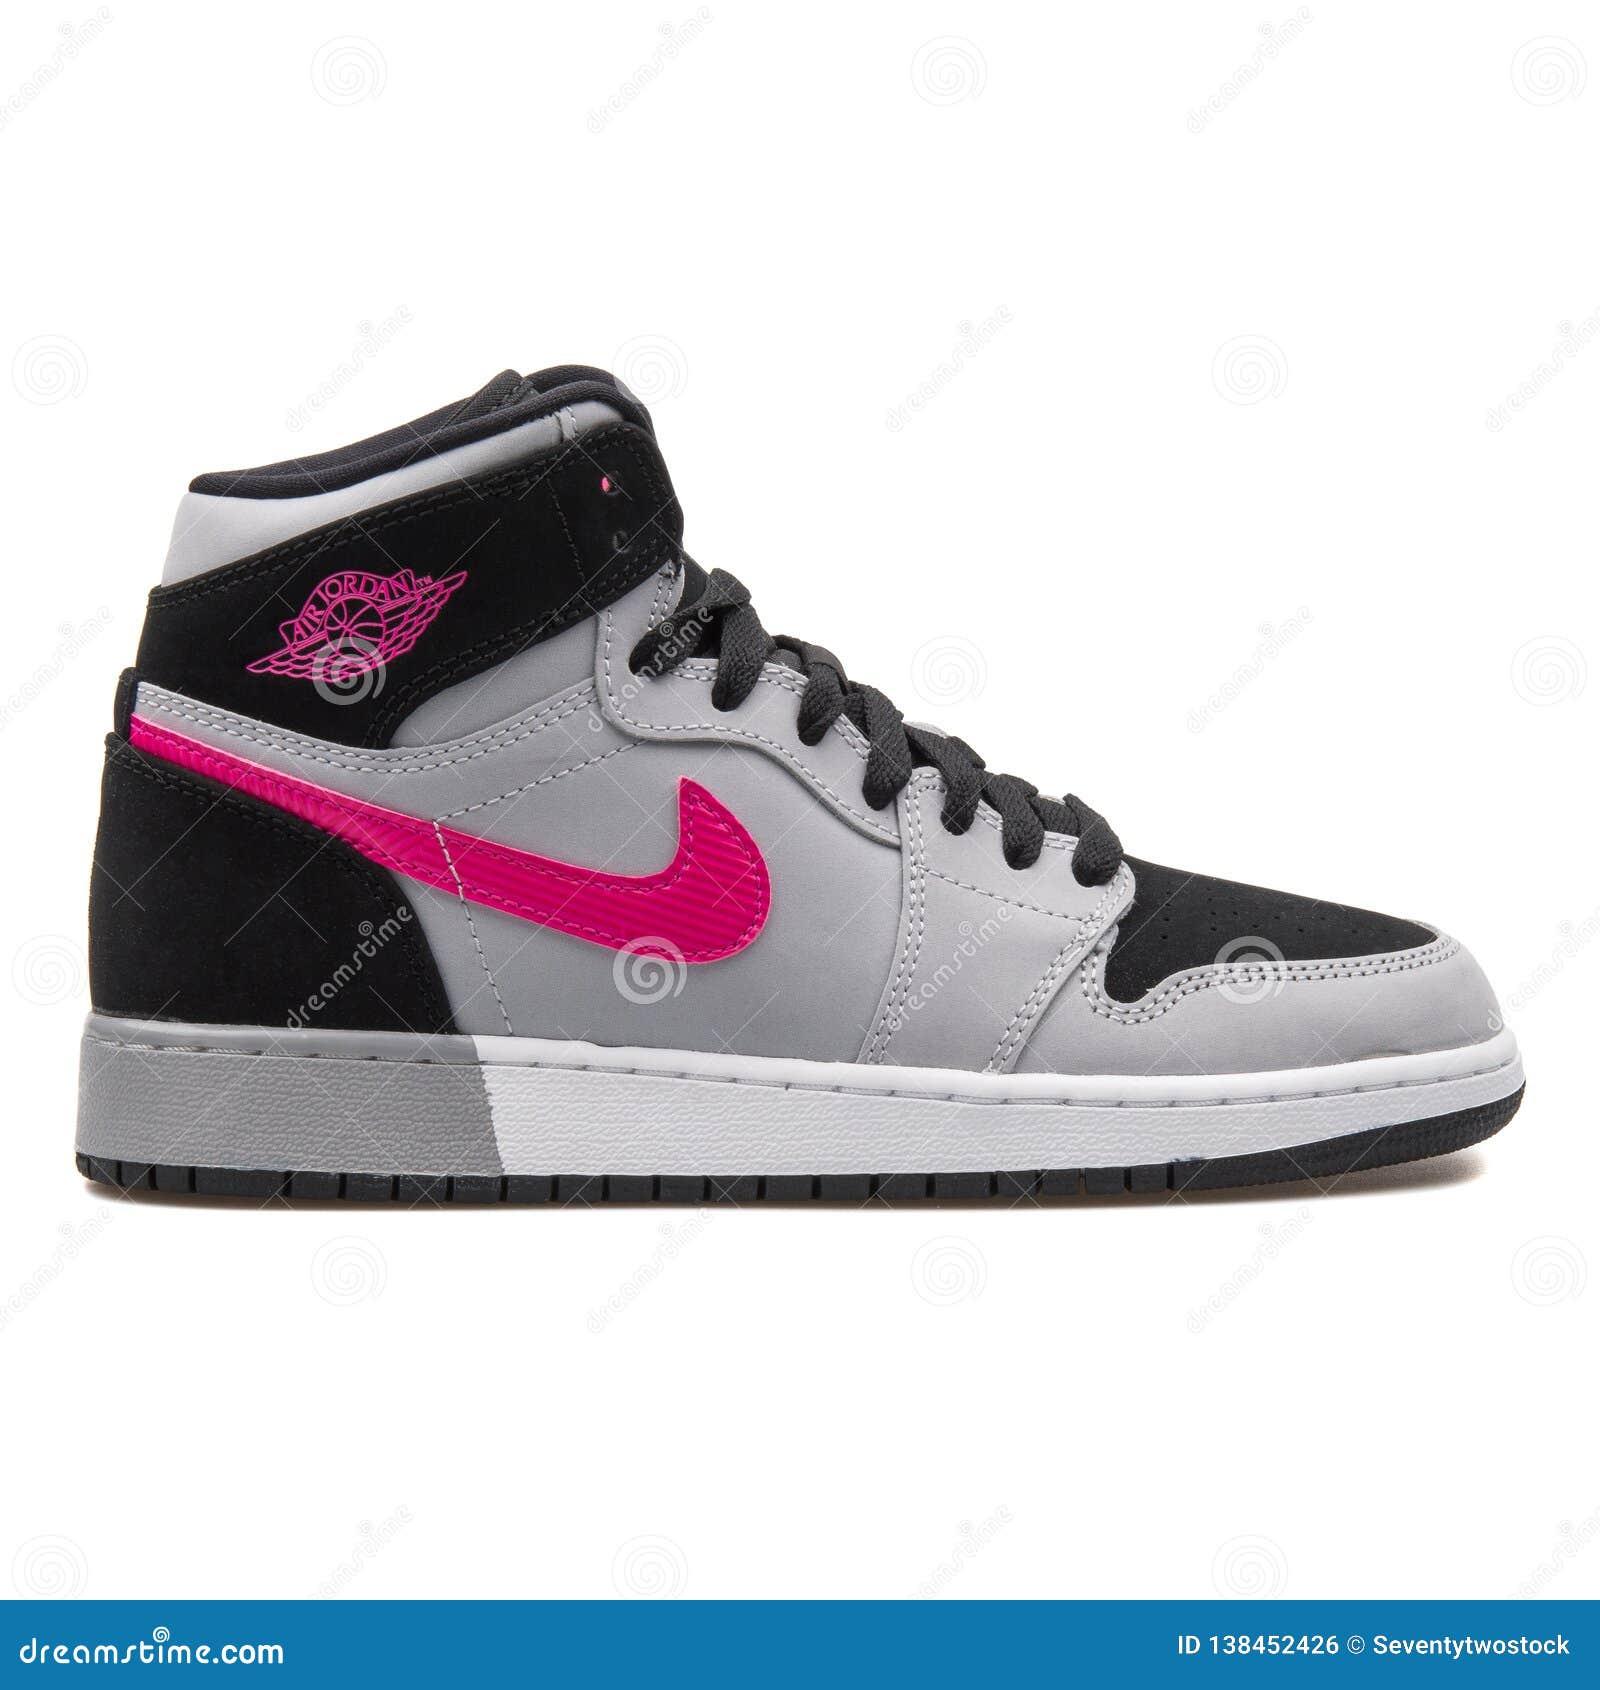 chaussures de sport 7dd5e d5d68 Nike Air Jordan Espadrille Grise, Noire Et Rose De 1 Rétro ...